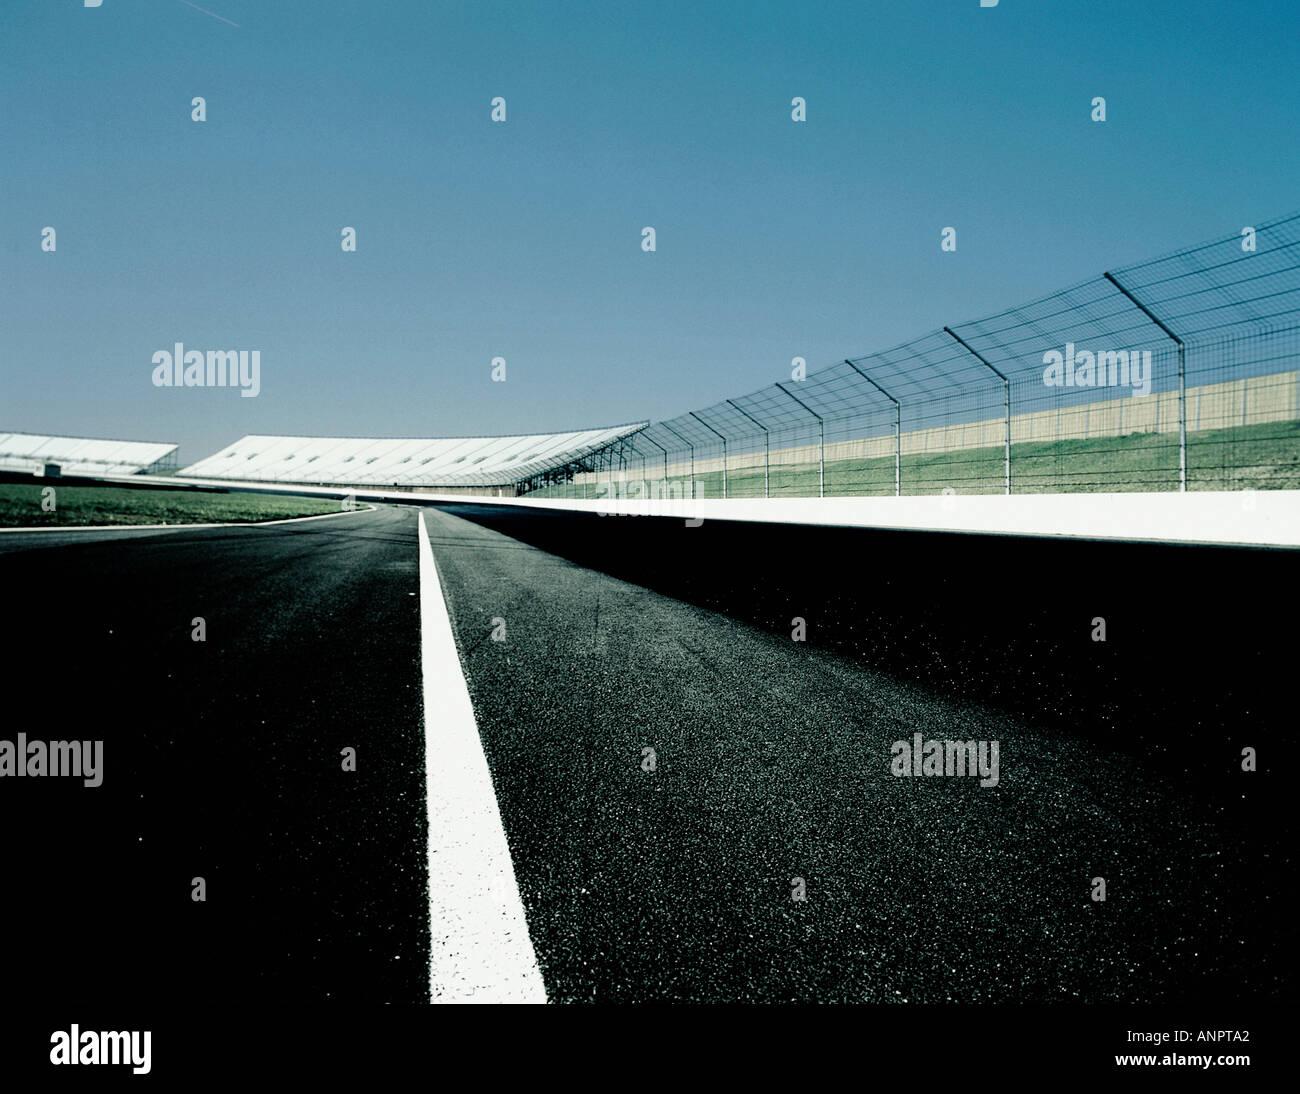 Una pista de carreras de alta velocidad Imagen De Stock